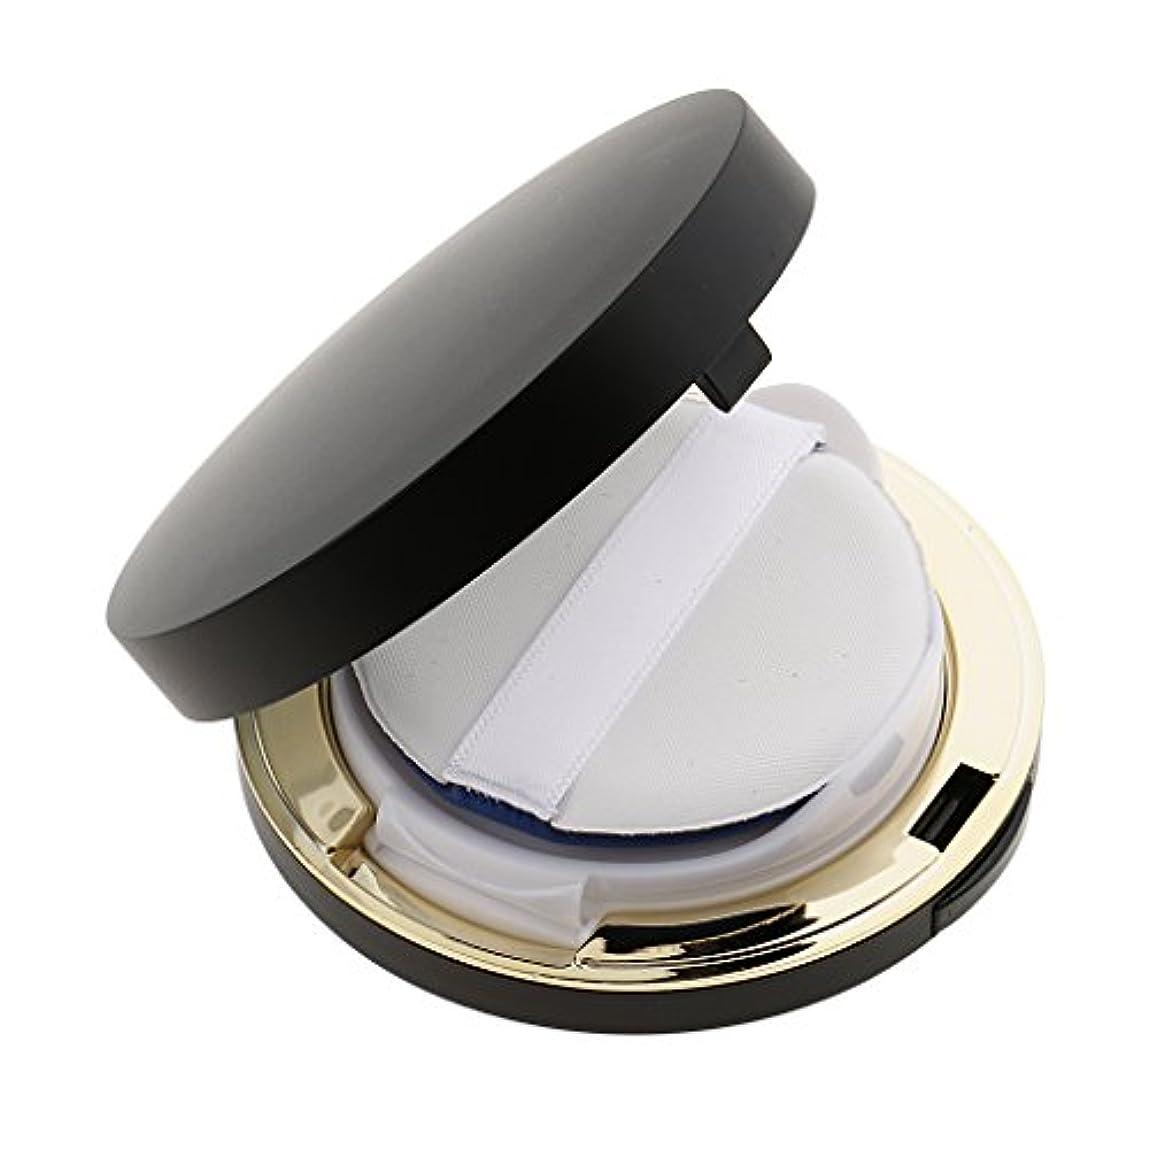 キロメートルいつ不道徳メイクアップ エアクッションケース パウダー パフ パフボックス ラウンド BBクリーム 詰替え 便利 3色選べる - ブラック